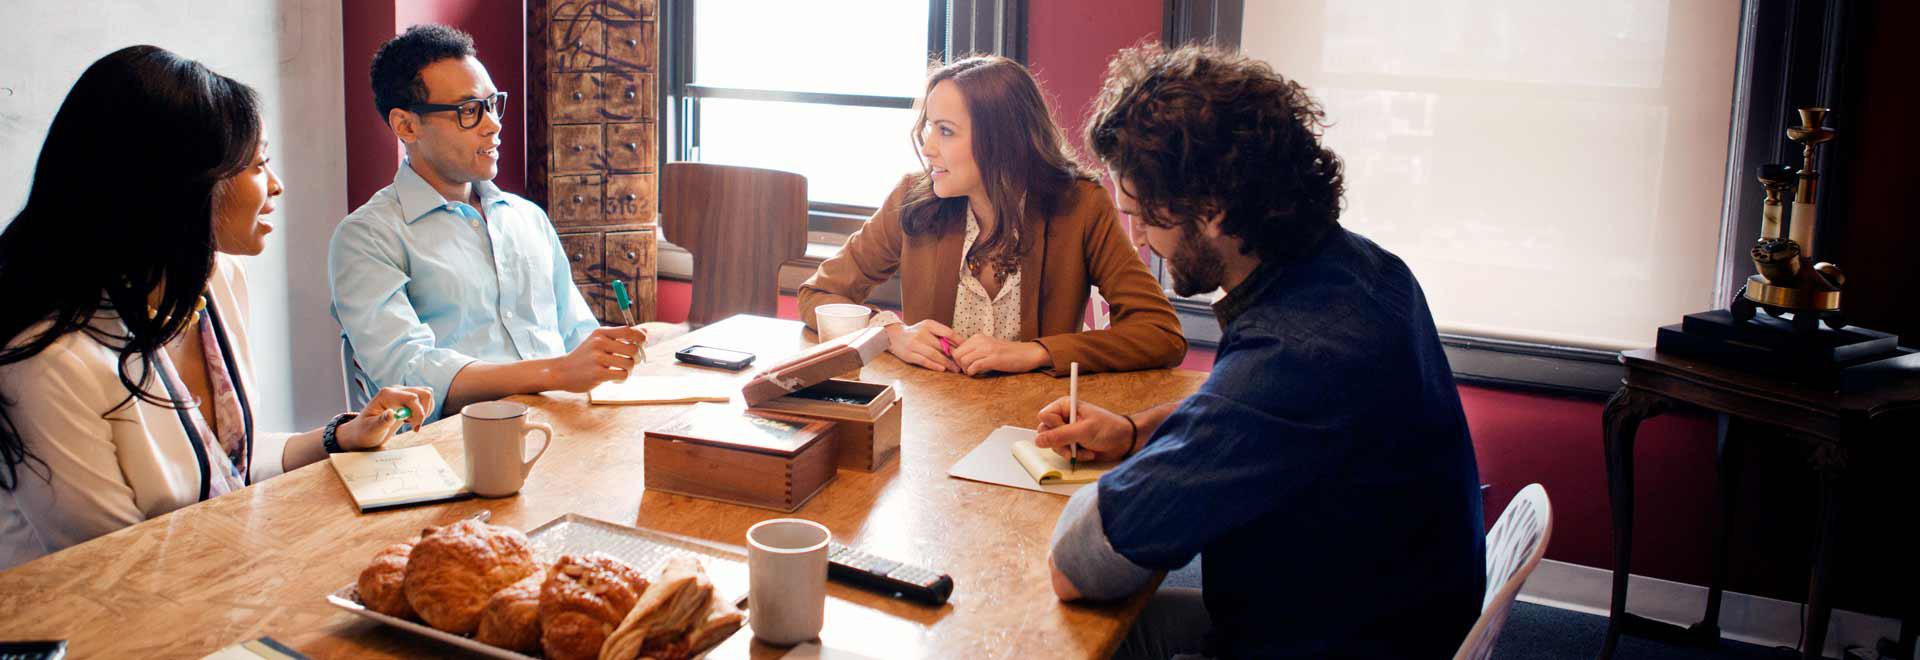 أربعة أشخاص يعملون في مكتب ويستخدمون Office 365 E3.